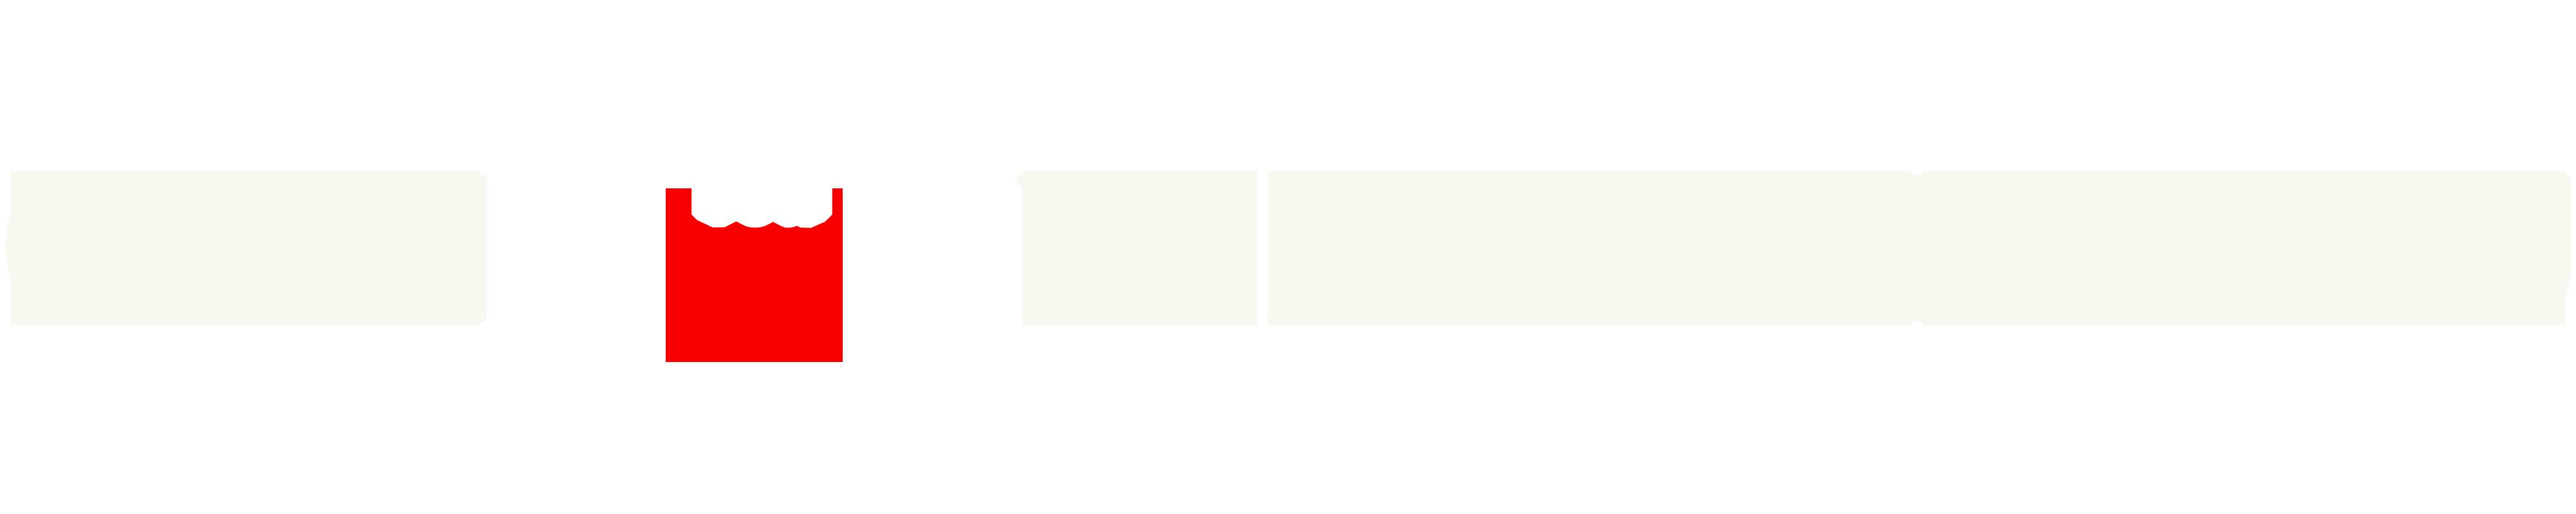 купоны для YTmonster.ru, продажа купонов промокодов, купить промокод